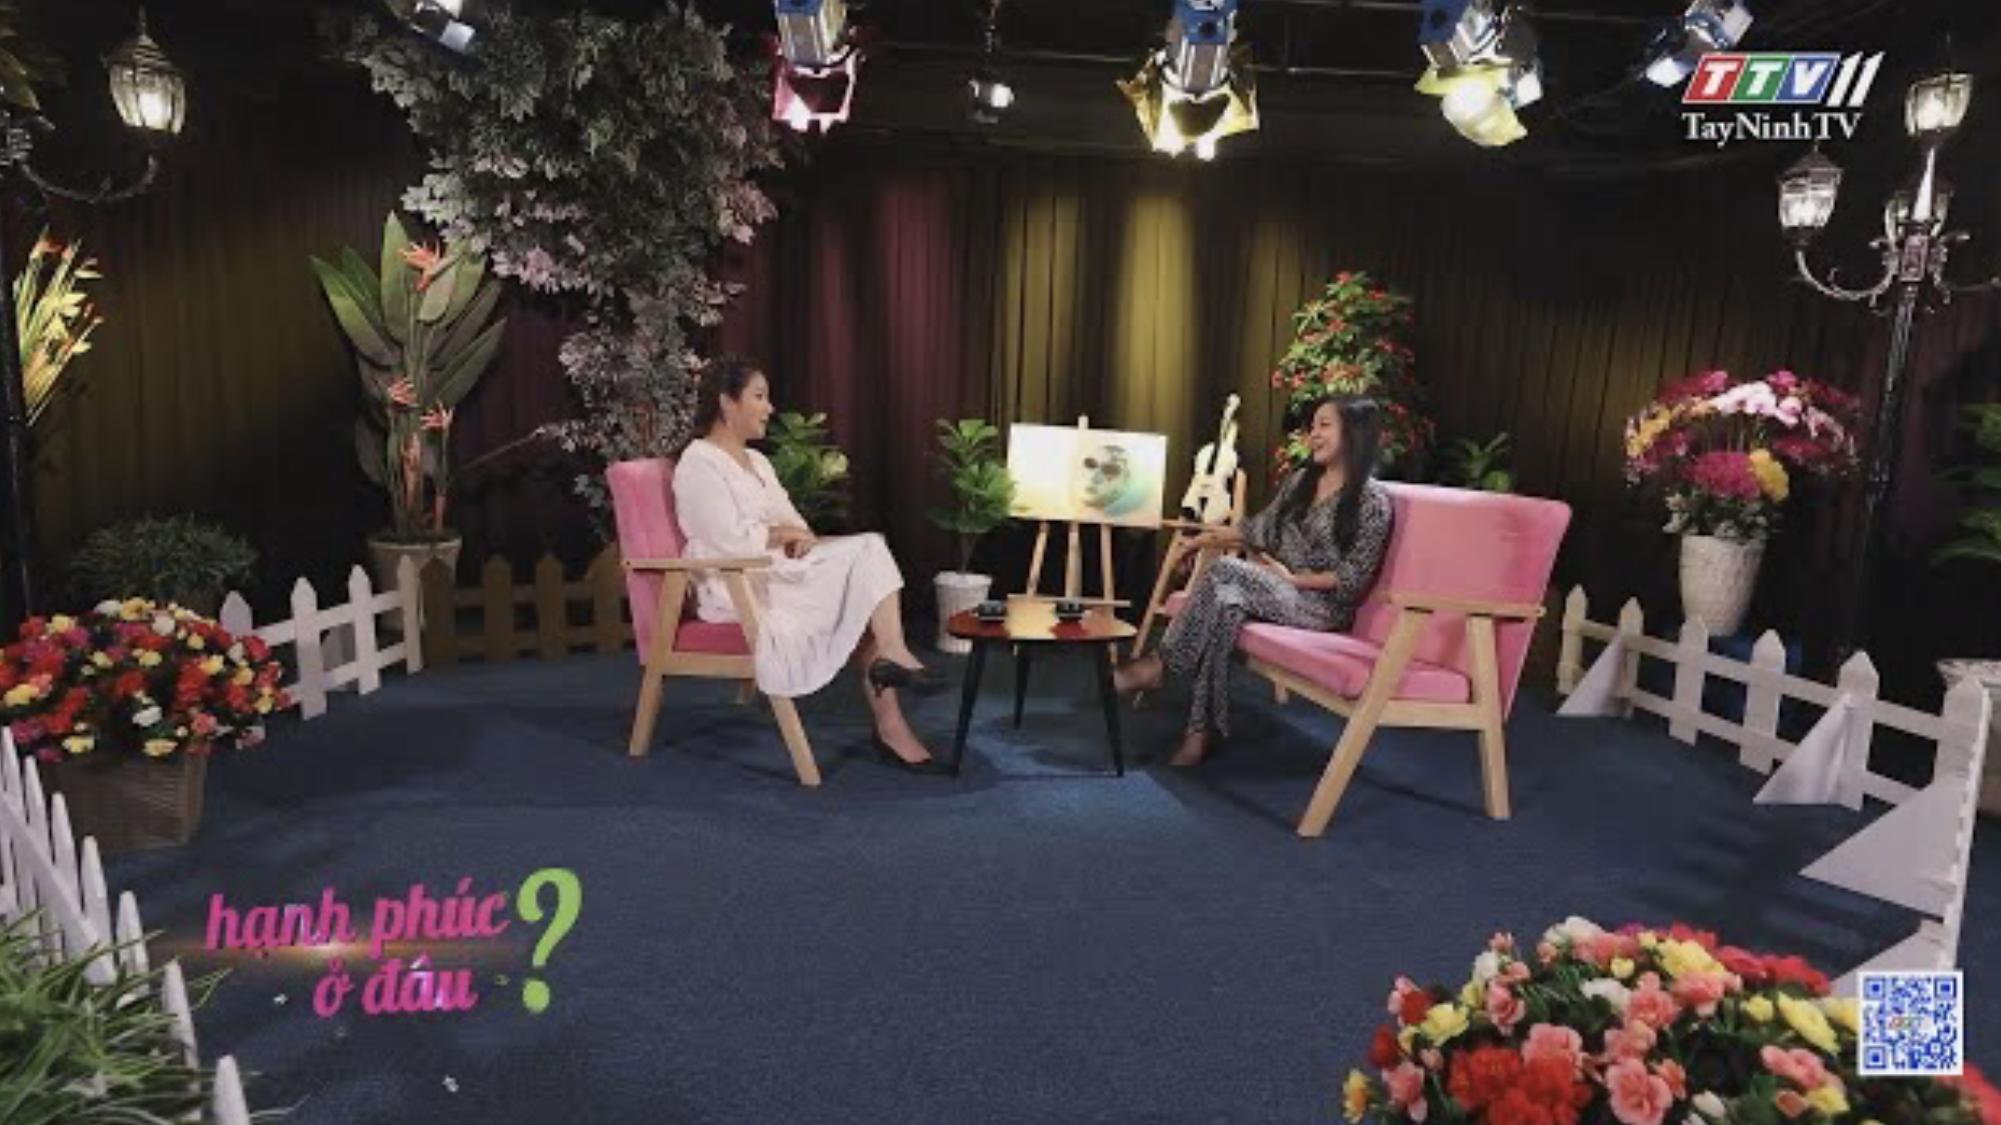 Hành trình có con đầy gian khó của ca sĩ Thanh Ngọc | HẠNH PHÚC Ở ĐÂU | TayNinhTV